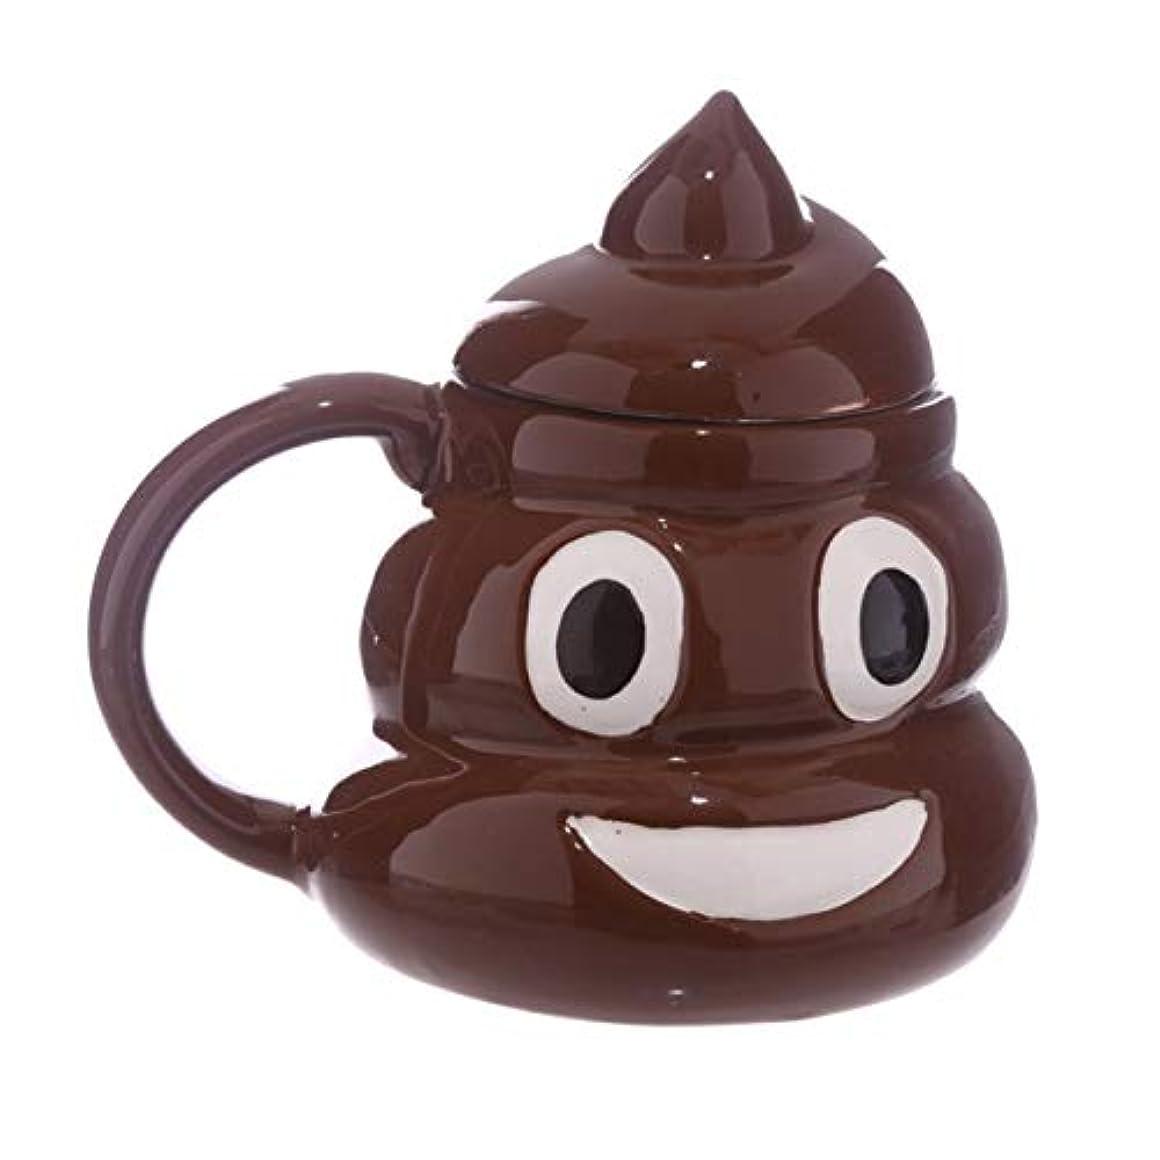 の頭の上それら契約Saikogoods 3Dおかしい絵文字マグ特殊セラミックコーヒーカップかわいいティーカップ磁器カップノベルティミルクマグフレンズファミリーギフト 褐色